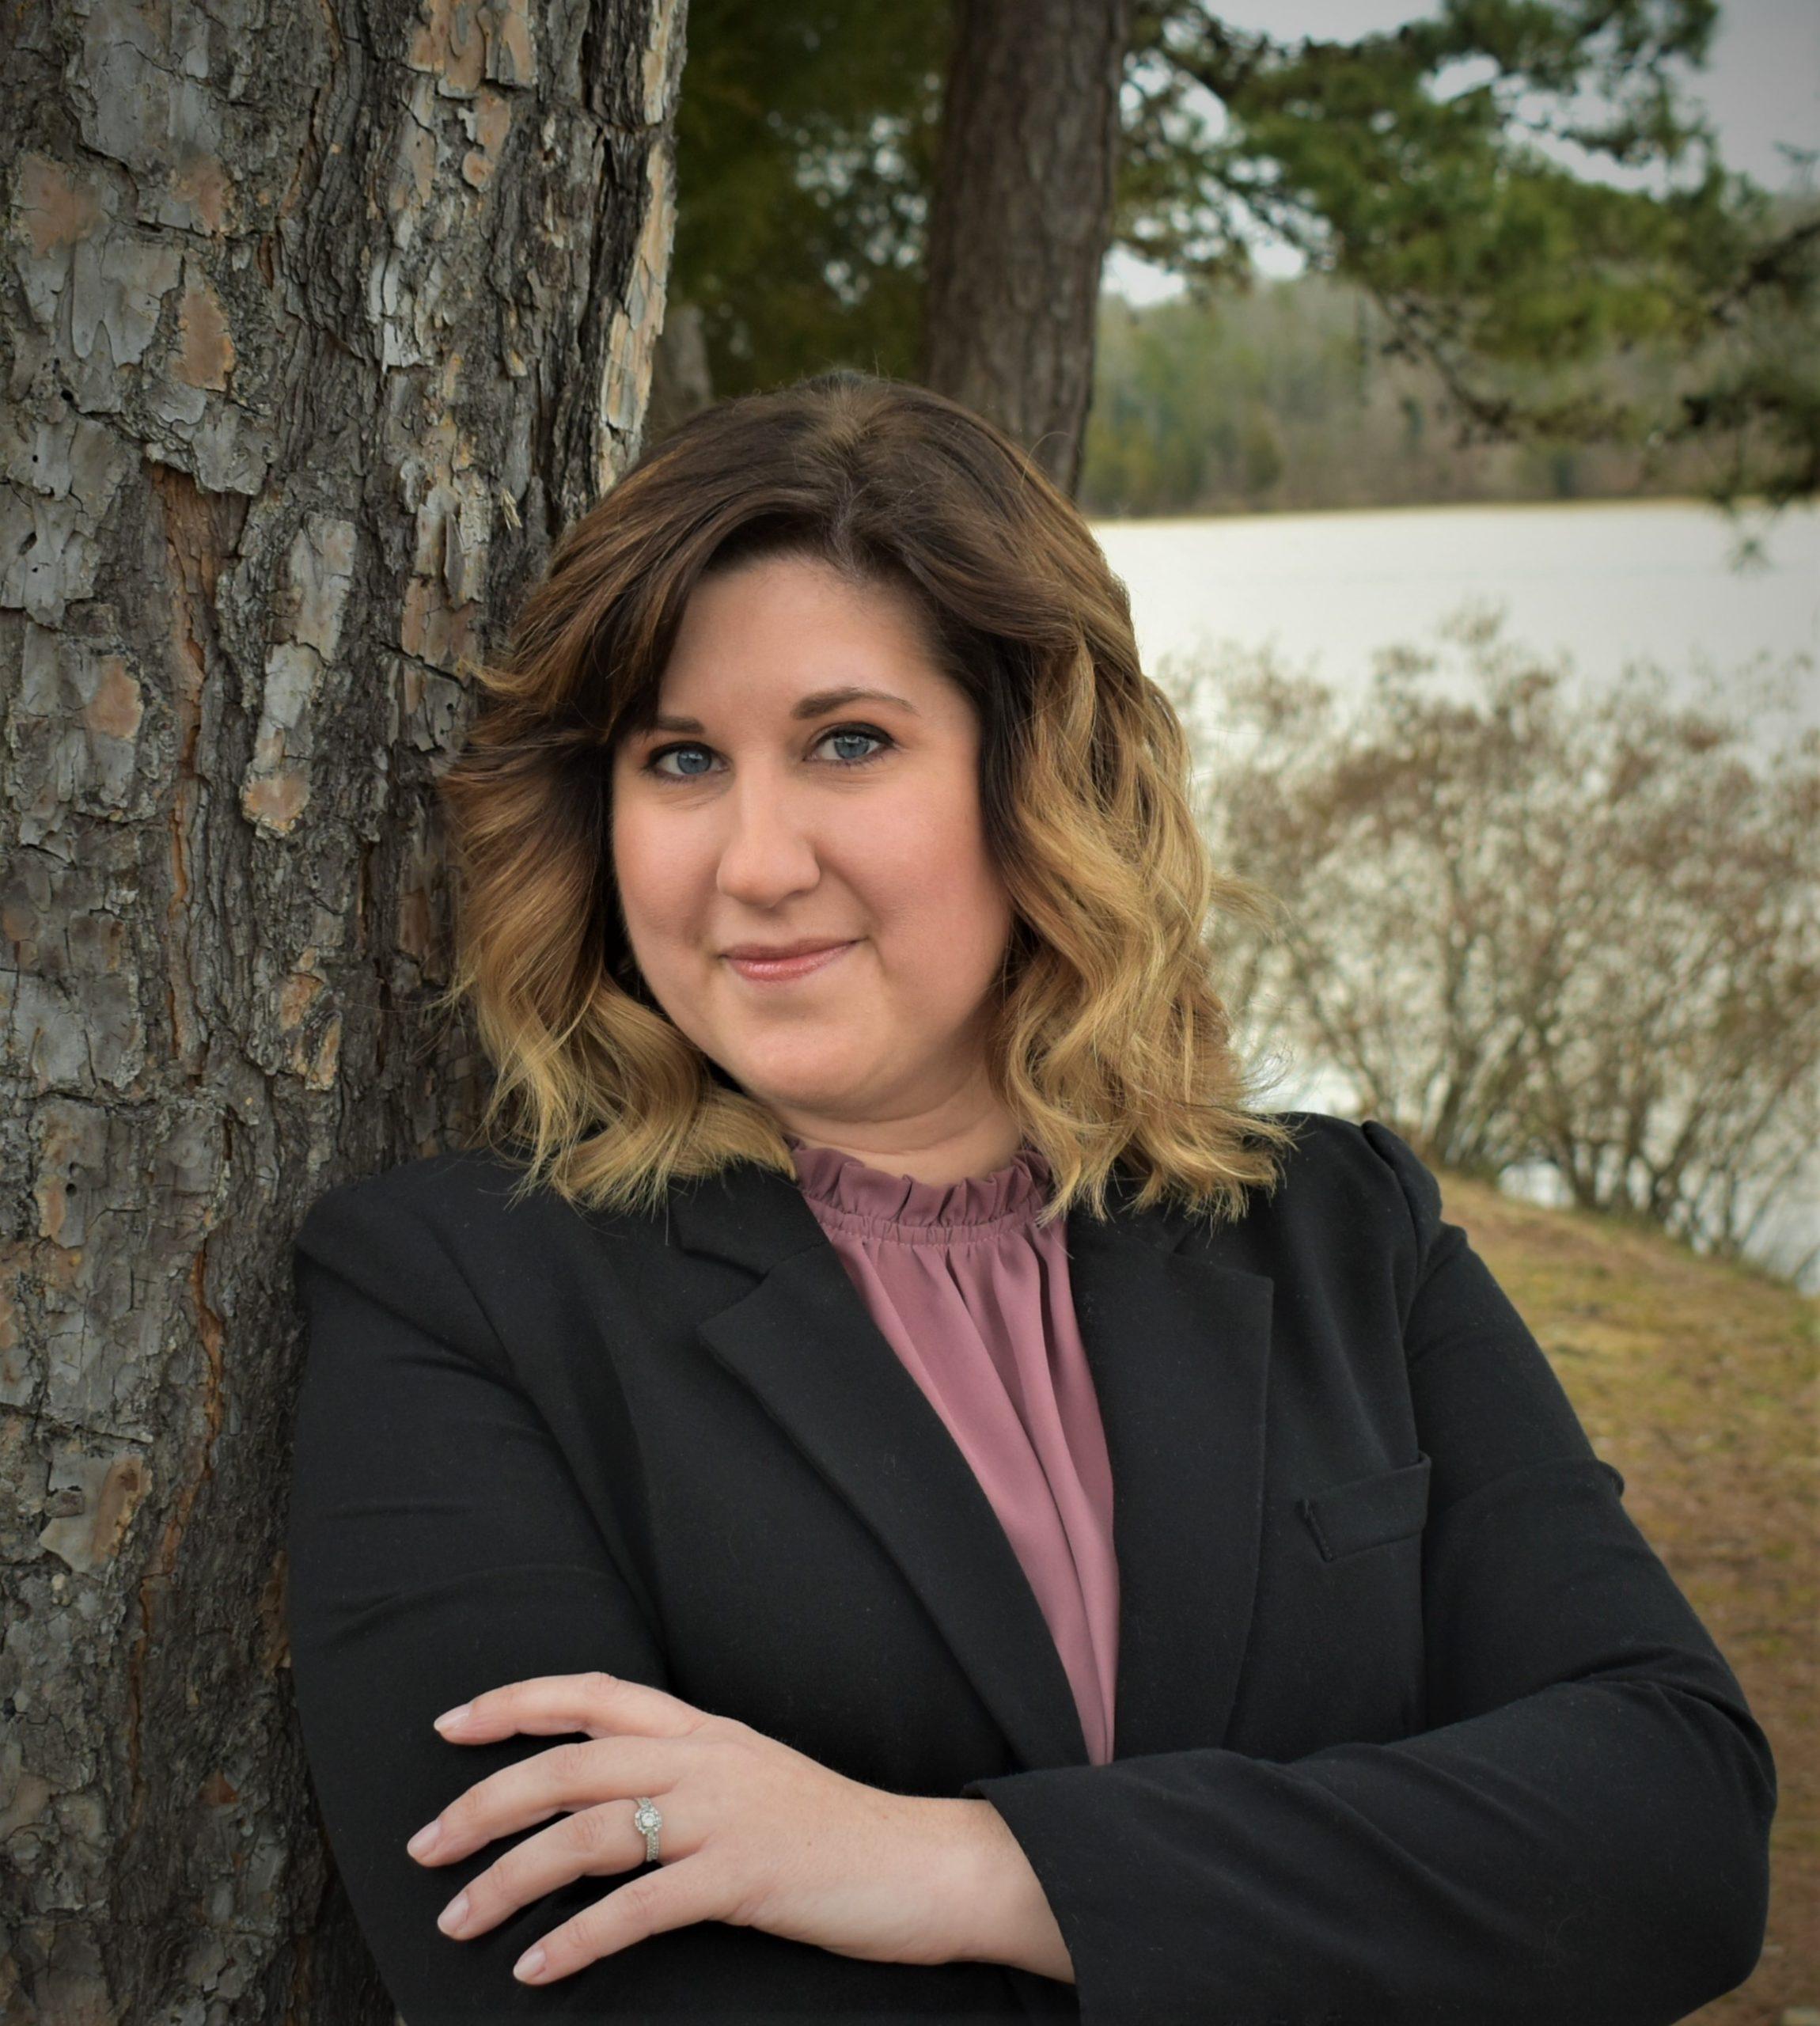 Angela Strider